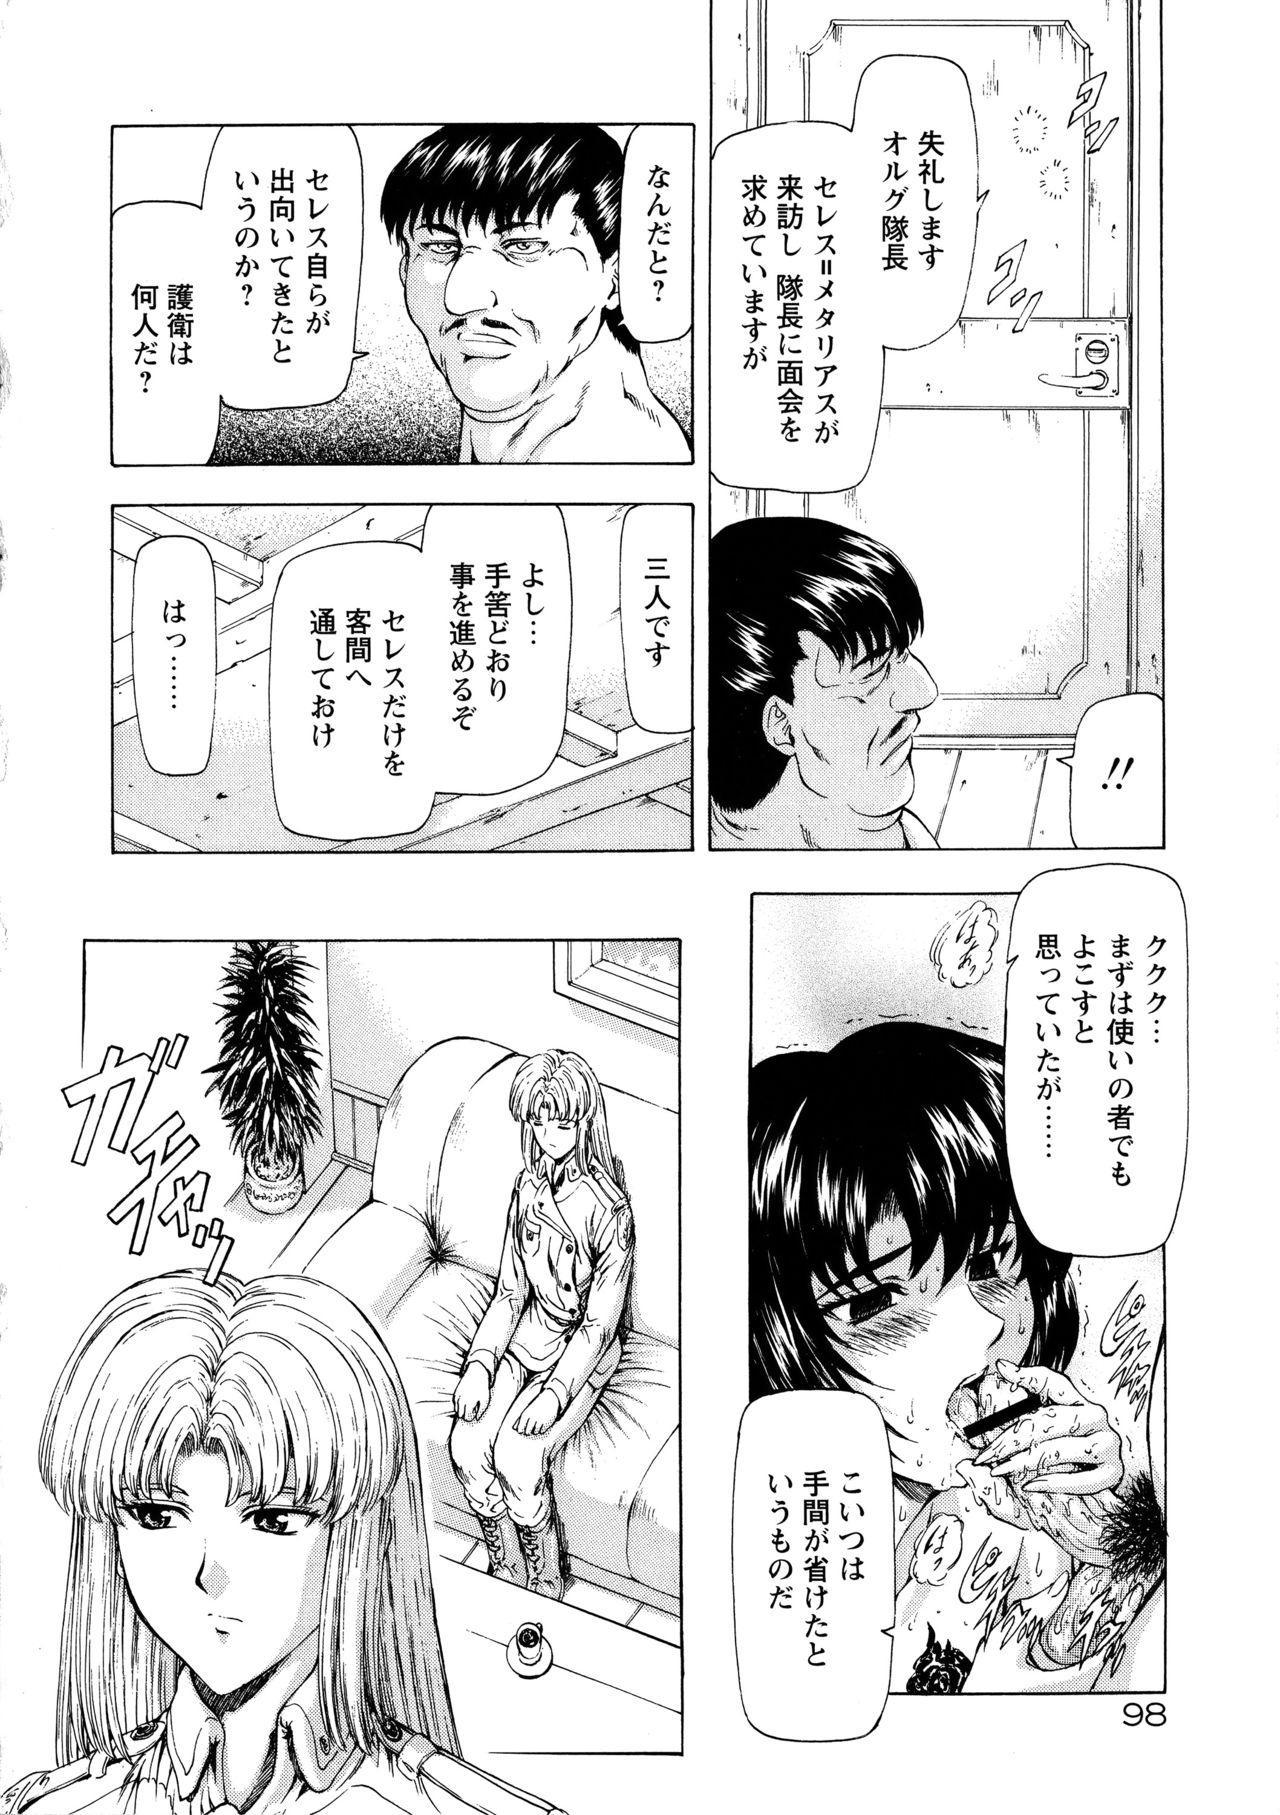 Ginryuu no Reimei Vol. 1 105